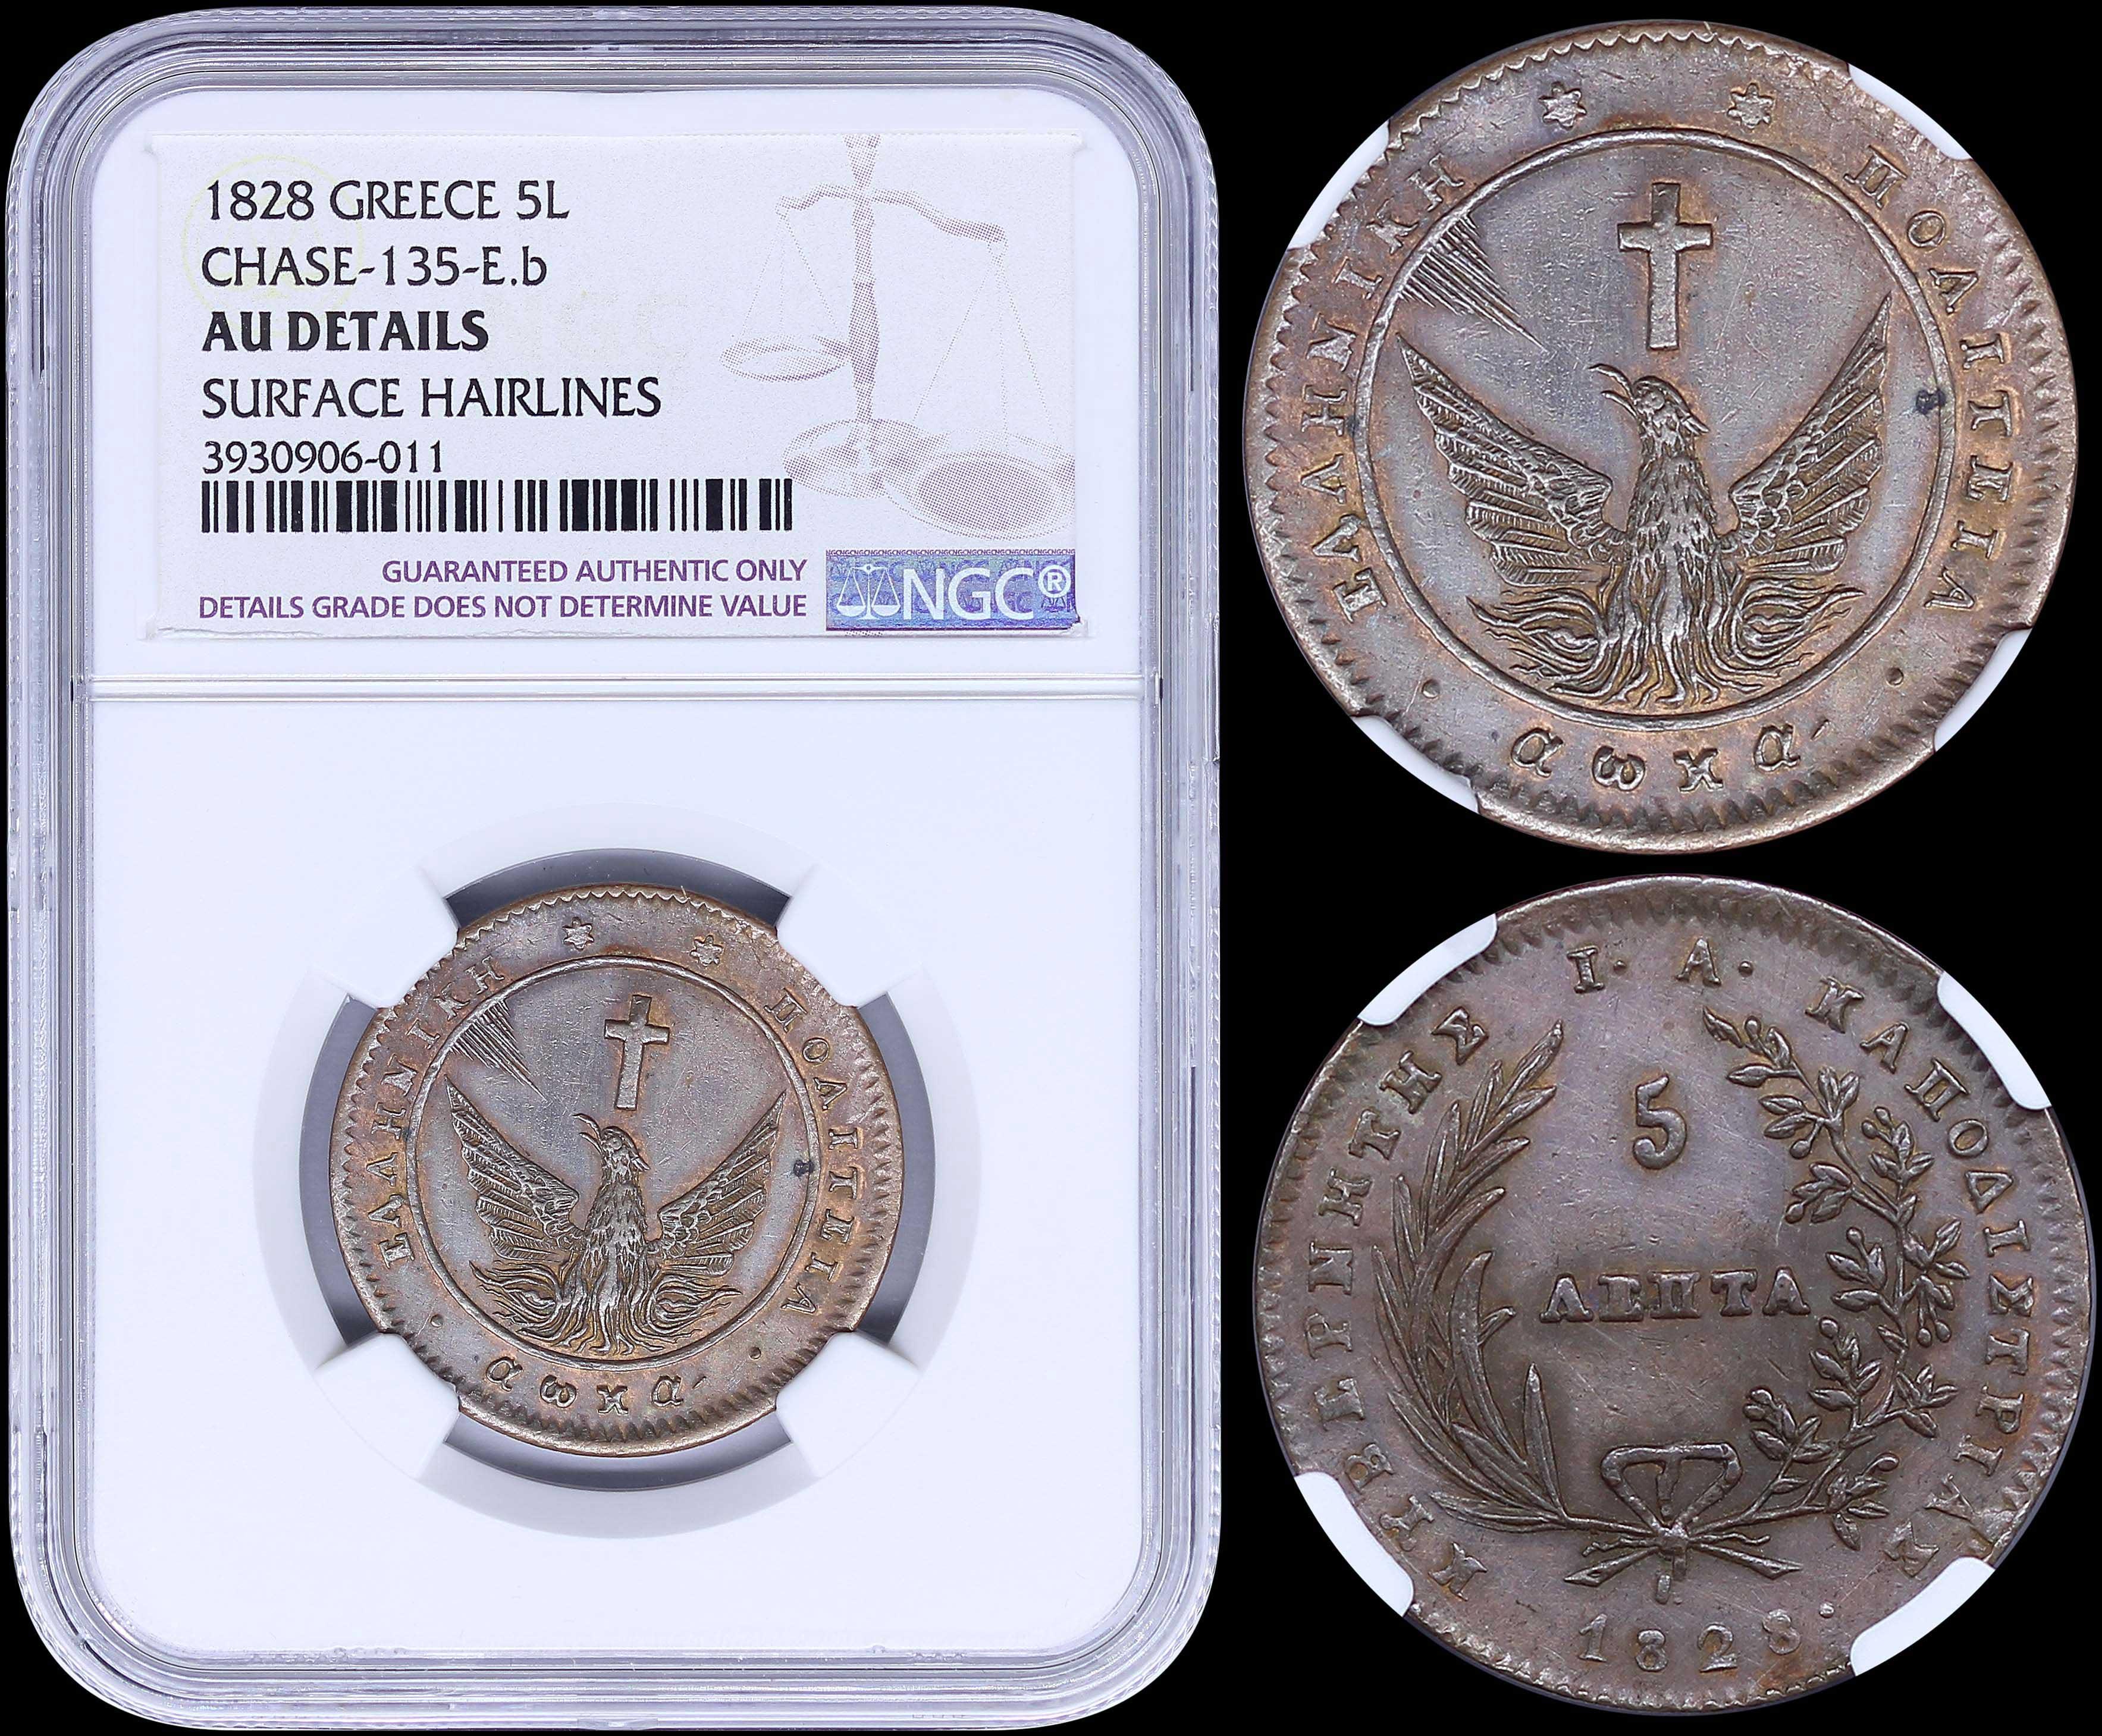 Lot 6003 - -  COINS & TOKENS governor capodistrias -  A. Karamitsos Live Bid Auction Coins, Medals & Banknotes